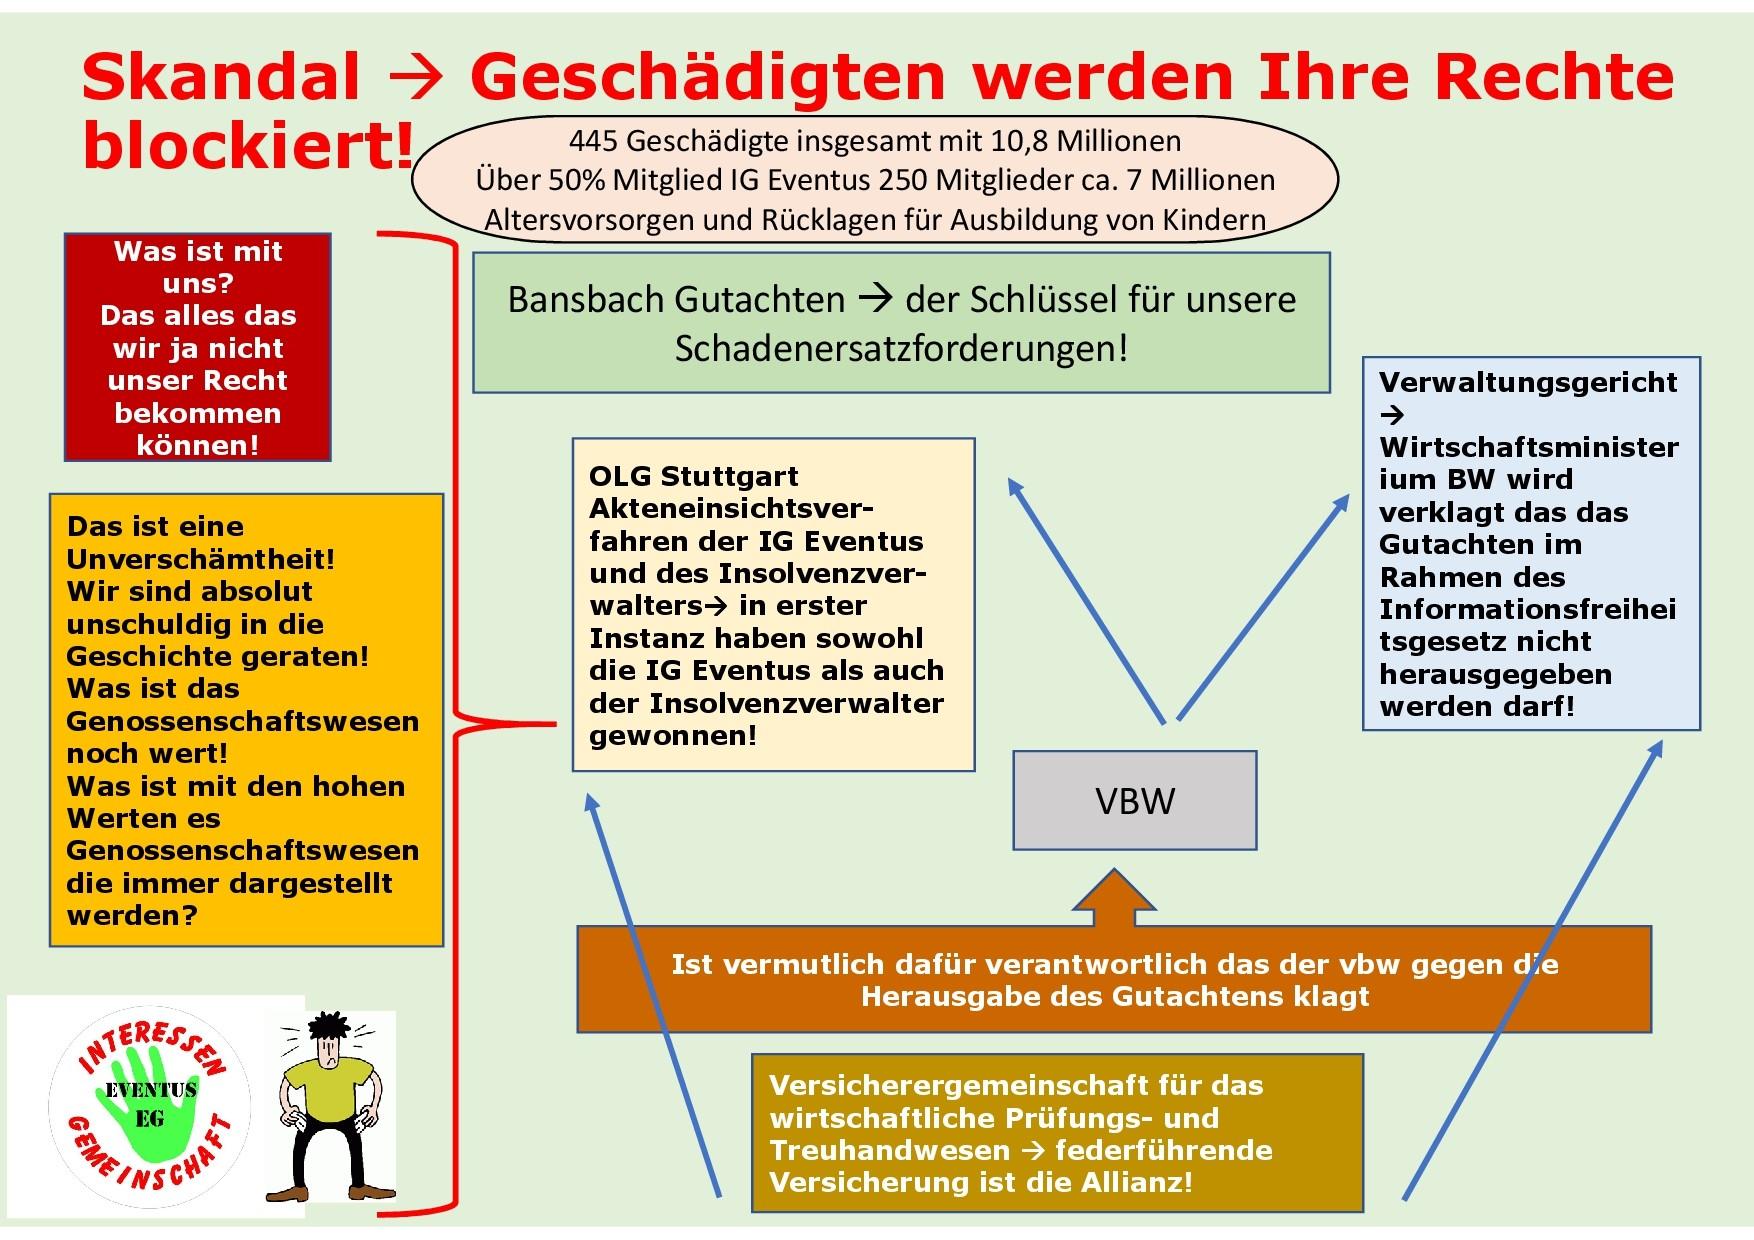 Bansbach Gutachten für die Geschädigten (IG Eventus) der Eventus eG